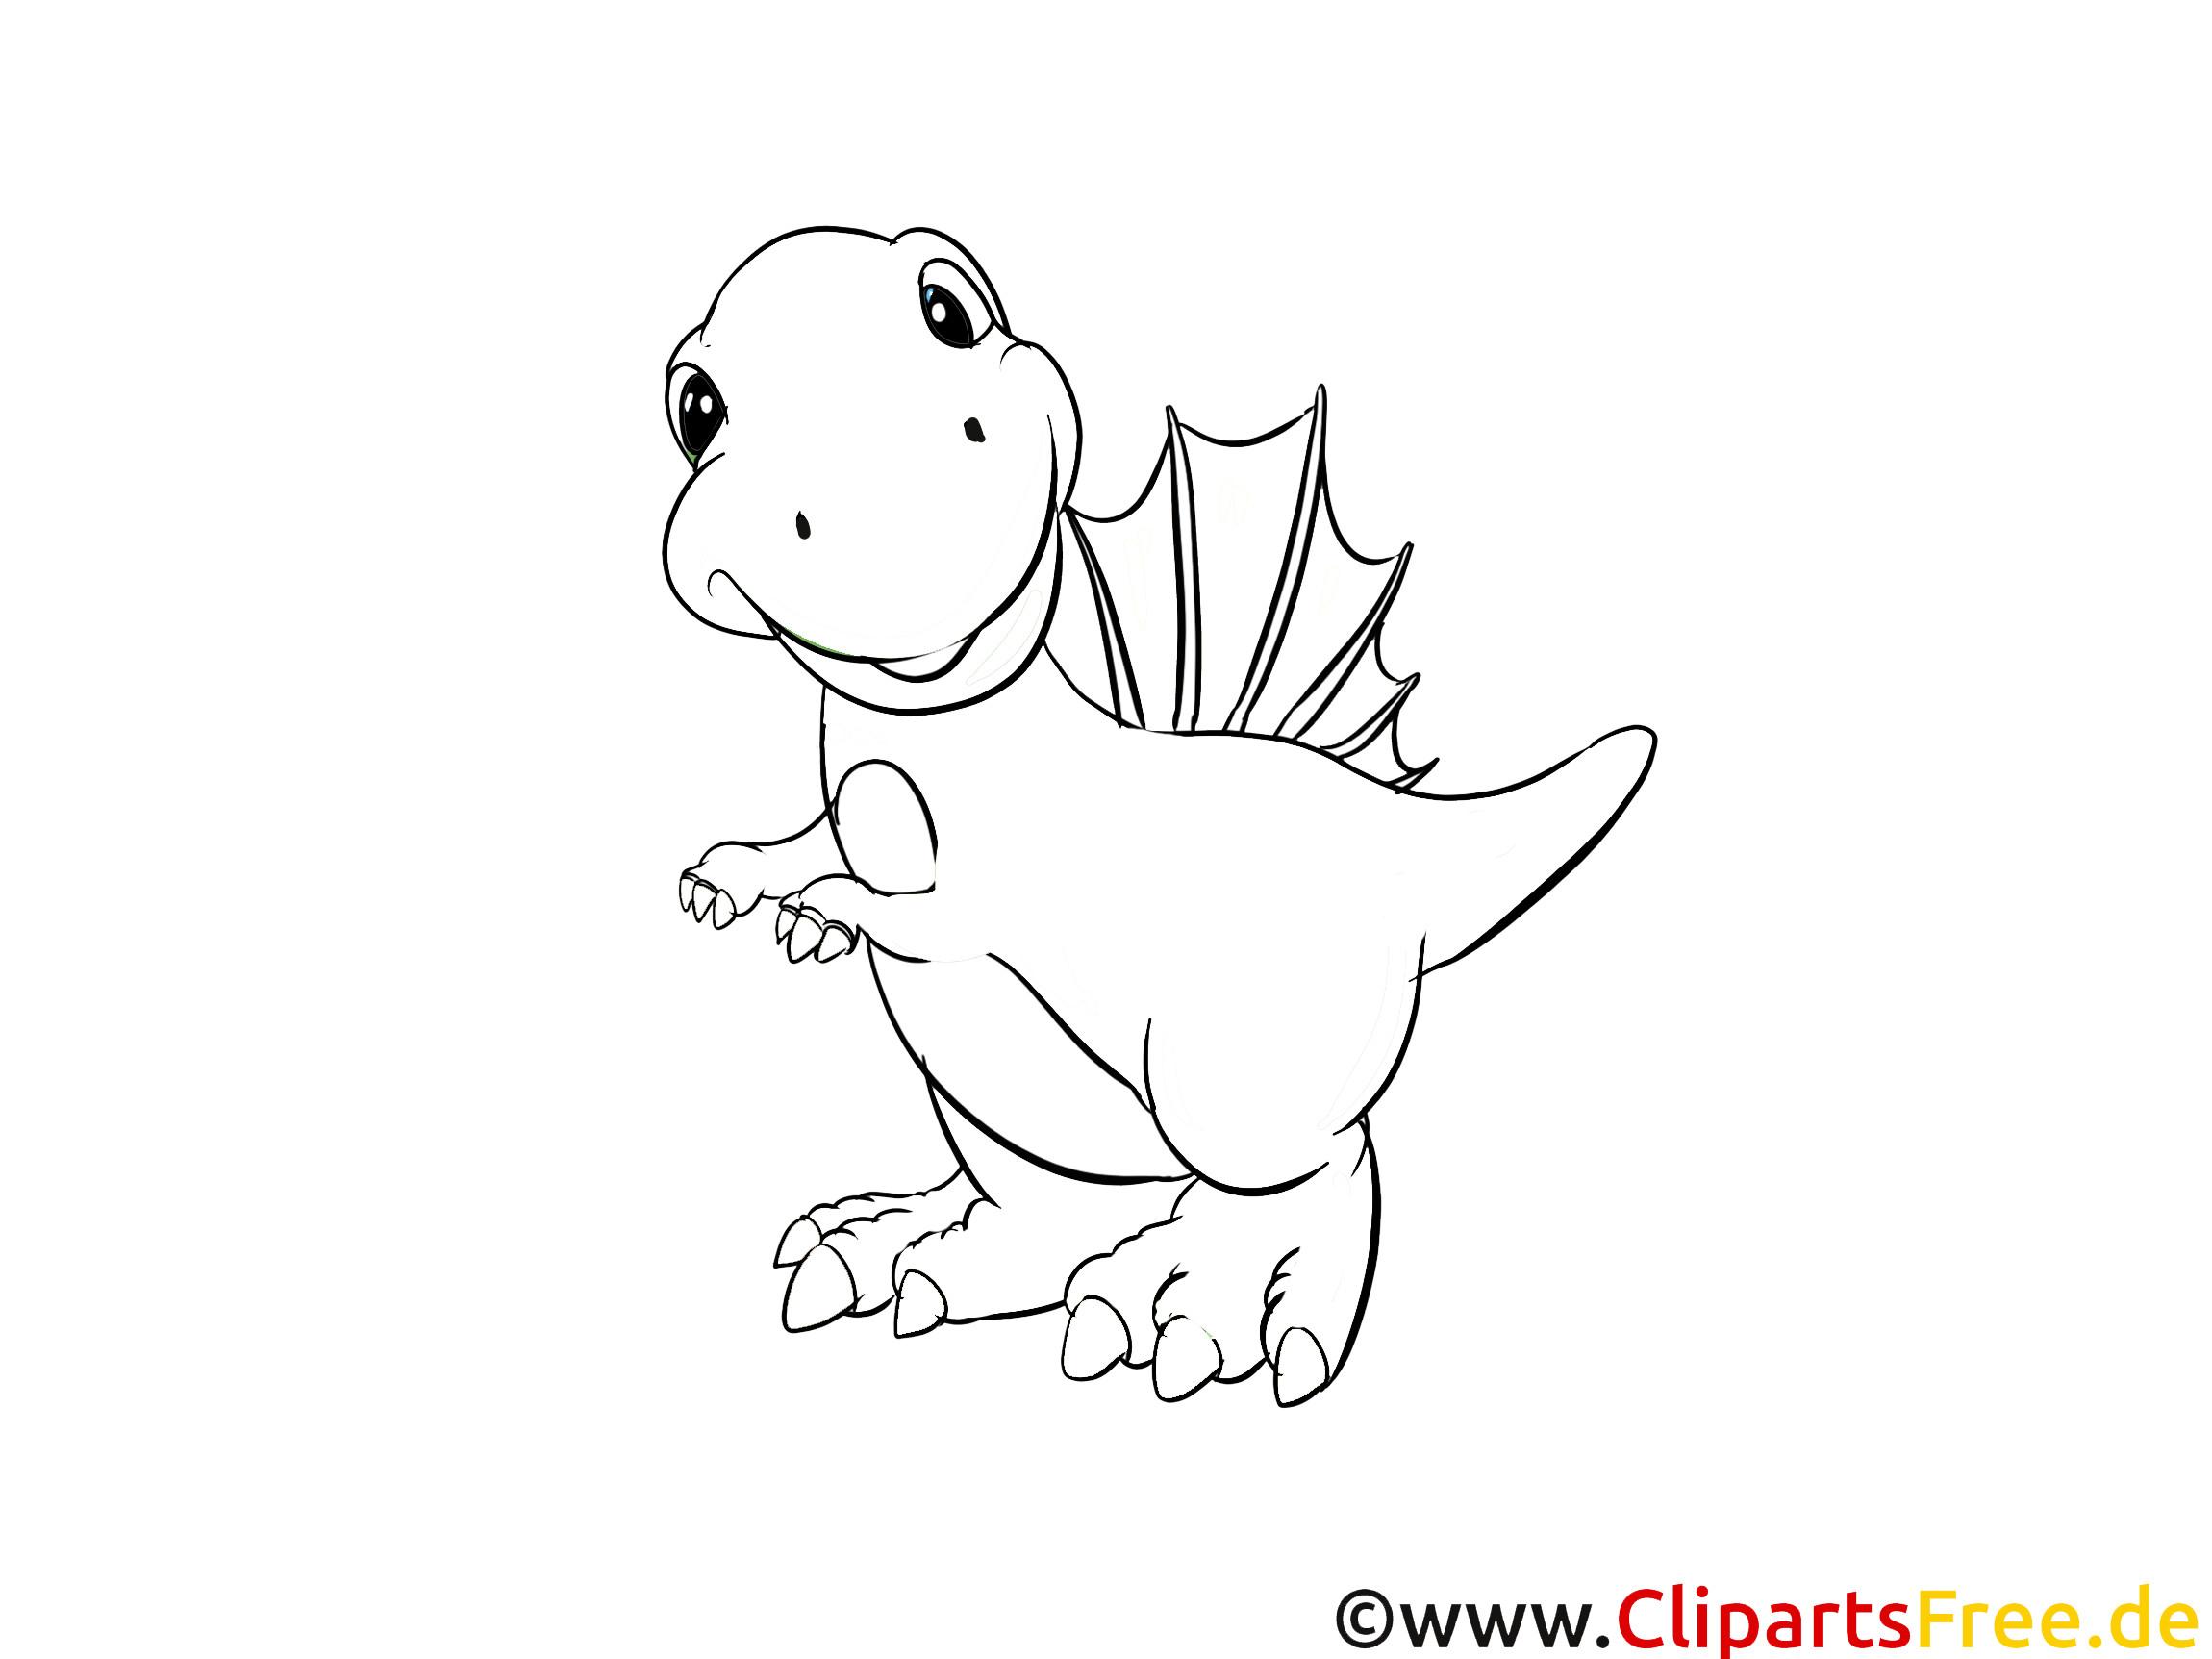 Dino Malvorlagen  Dinosaurier Ausmalbilder für Kinder